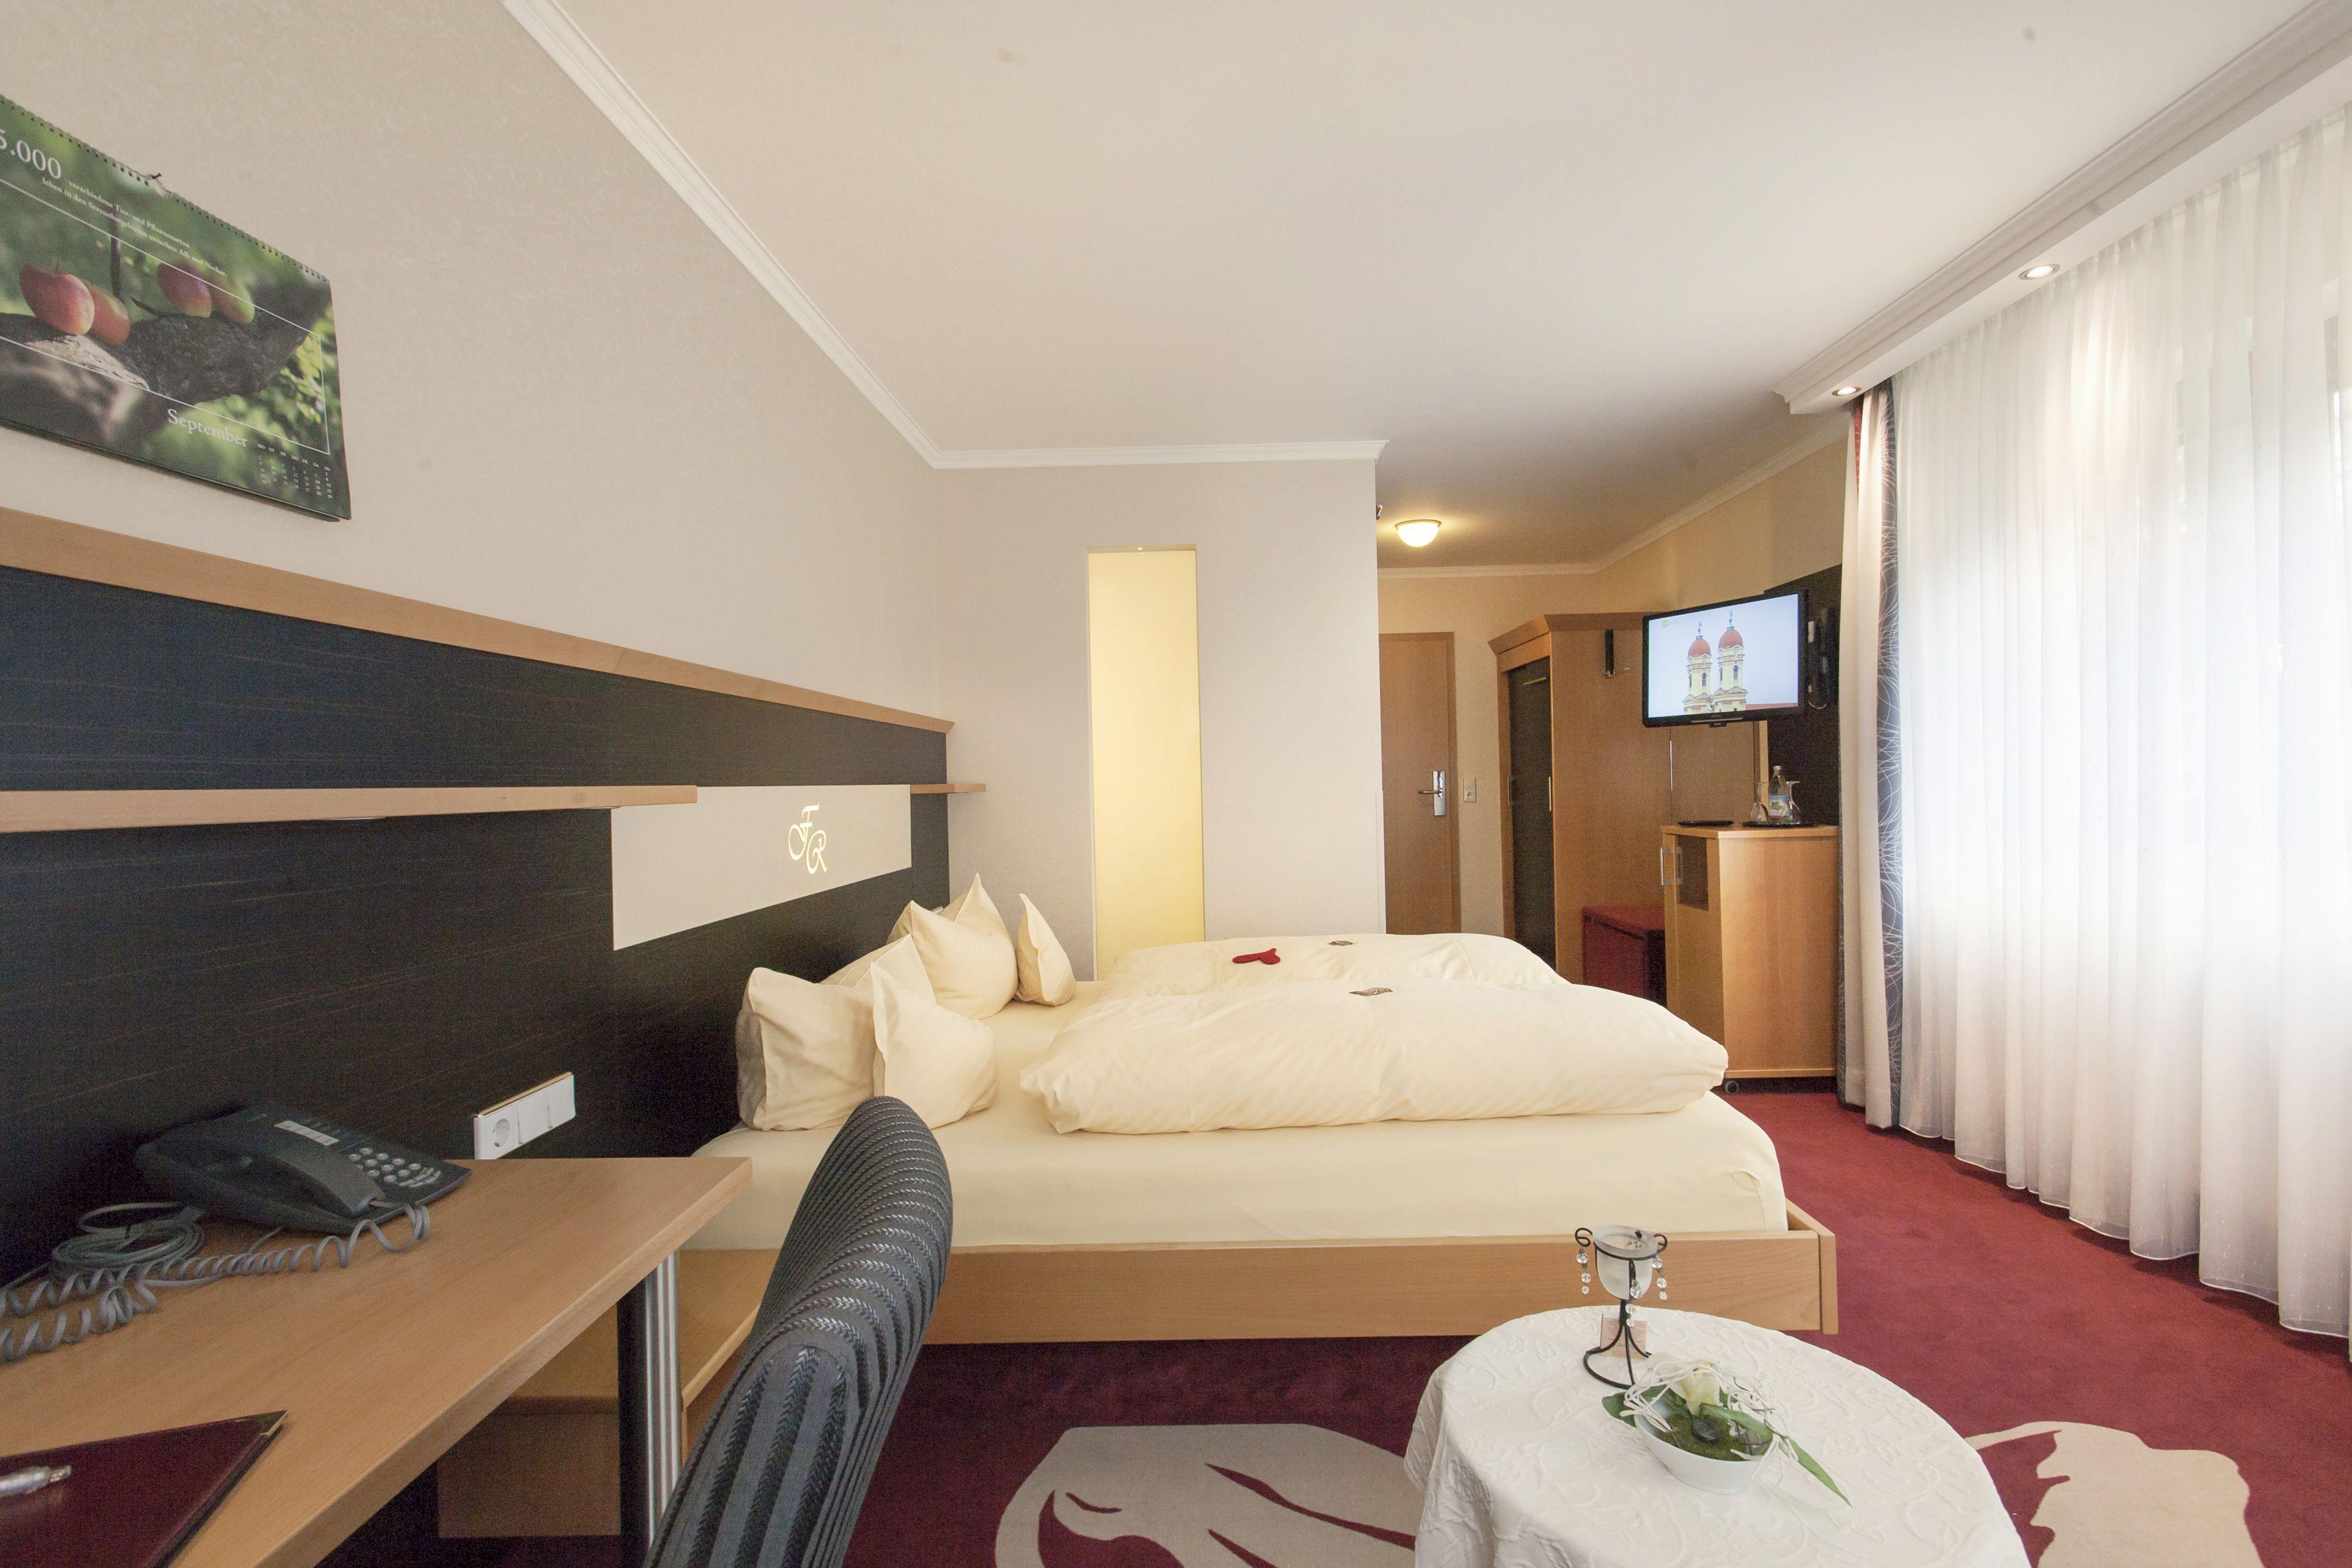 Die Ferienappartements Haben Ein Großes Wohnschlafzimmer Mit Bequemer  Couch, Ein Separates Schlafzimmer Sowie Eine Küchenzeile